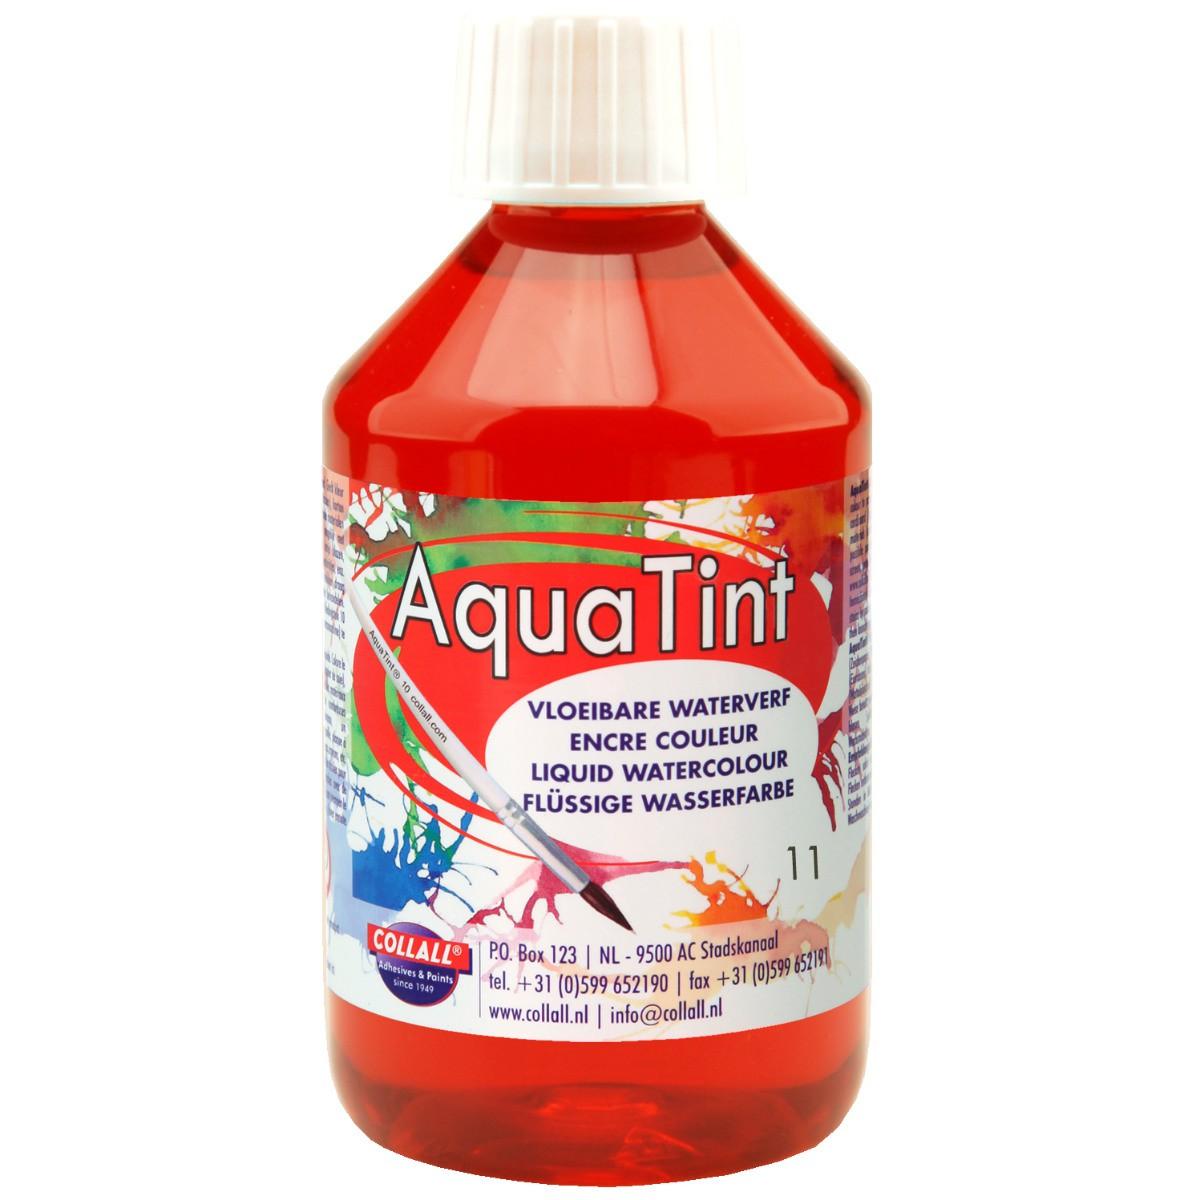 Flüssige Wasserfarbe AquaTint - Farbe hellrot - 250ml Flasche